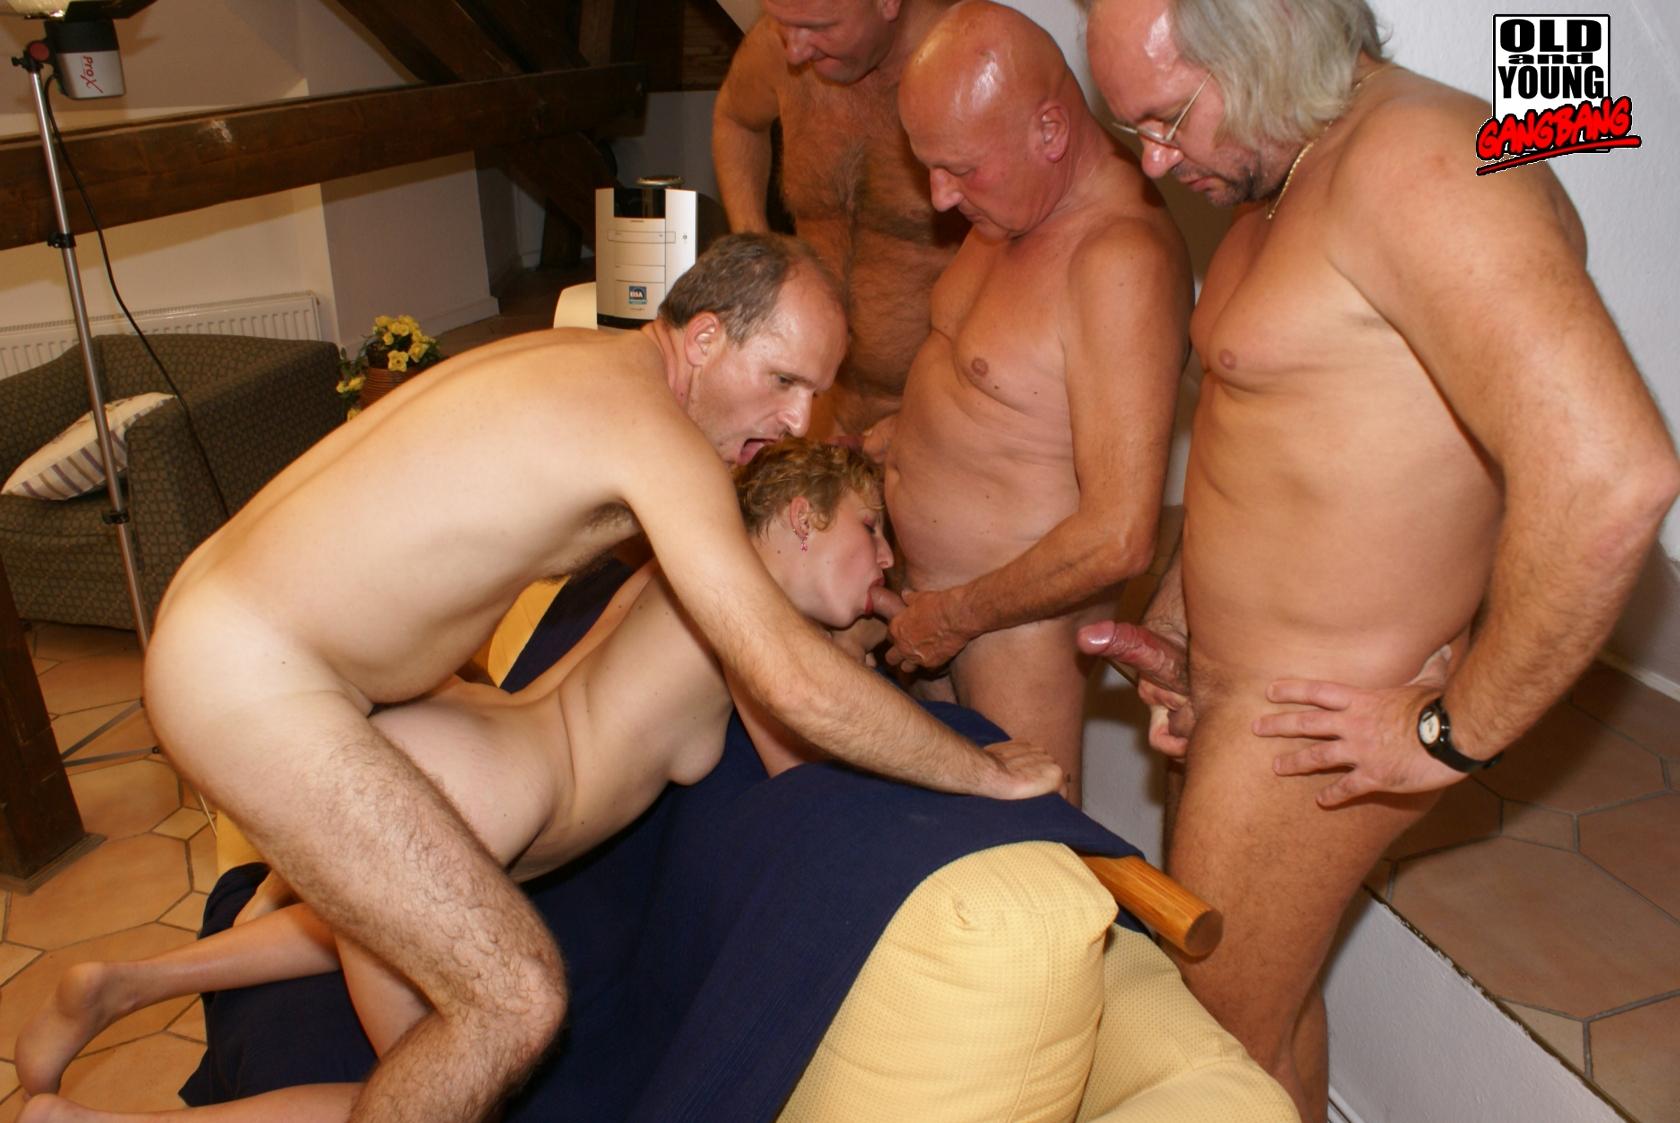 Смотреть Порно Геи Старые Ебут Молодых